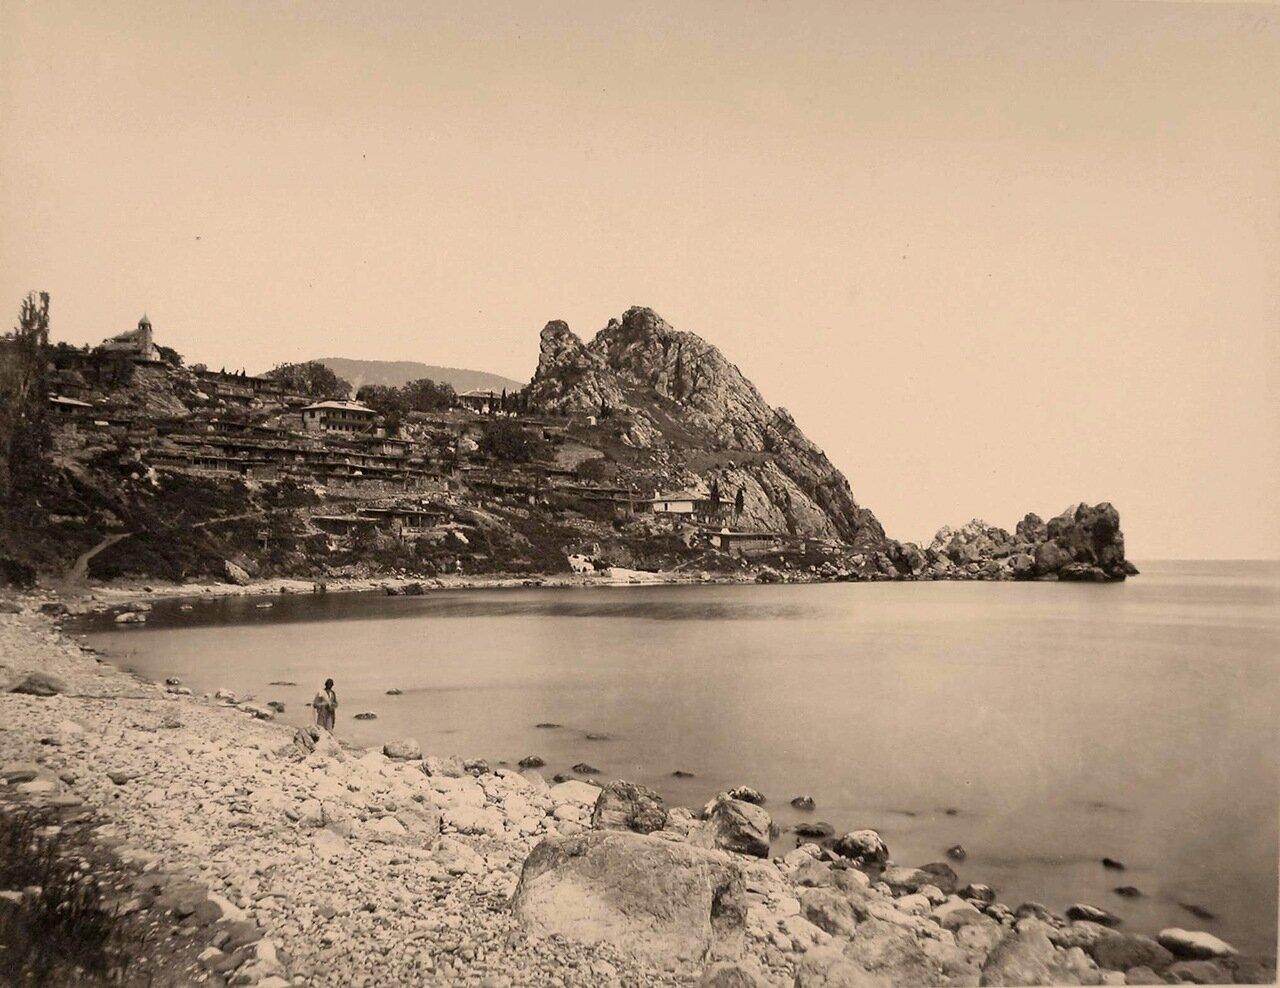 19. Вид жилых домов на скале, у побережья близ горы Аю-Даг